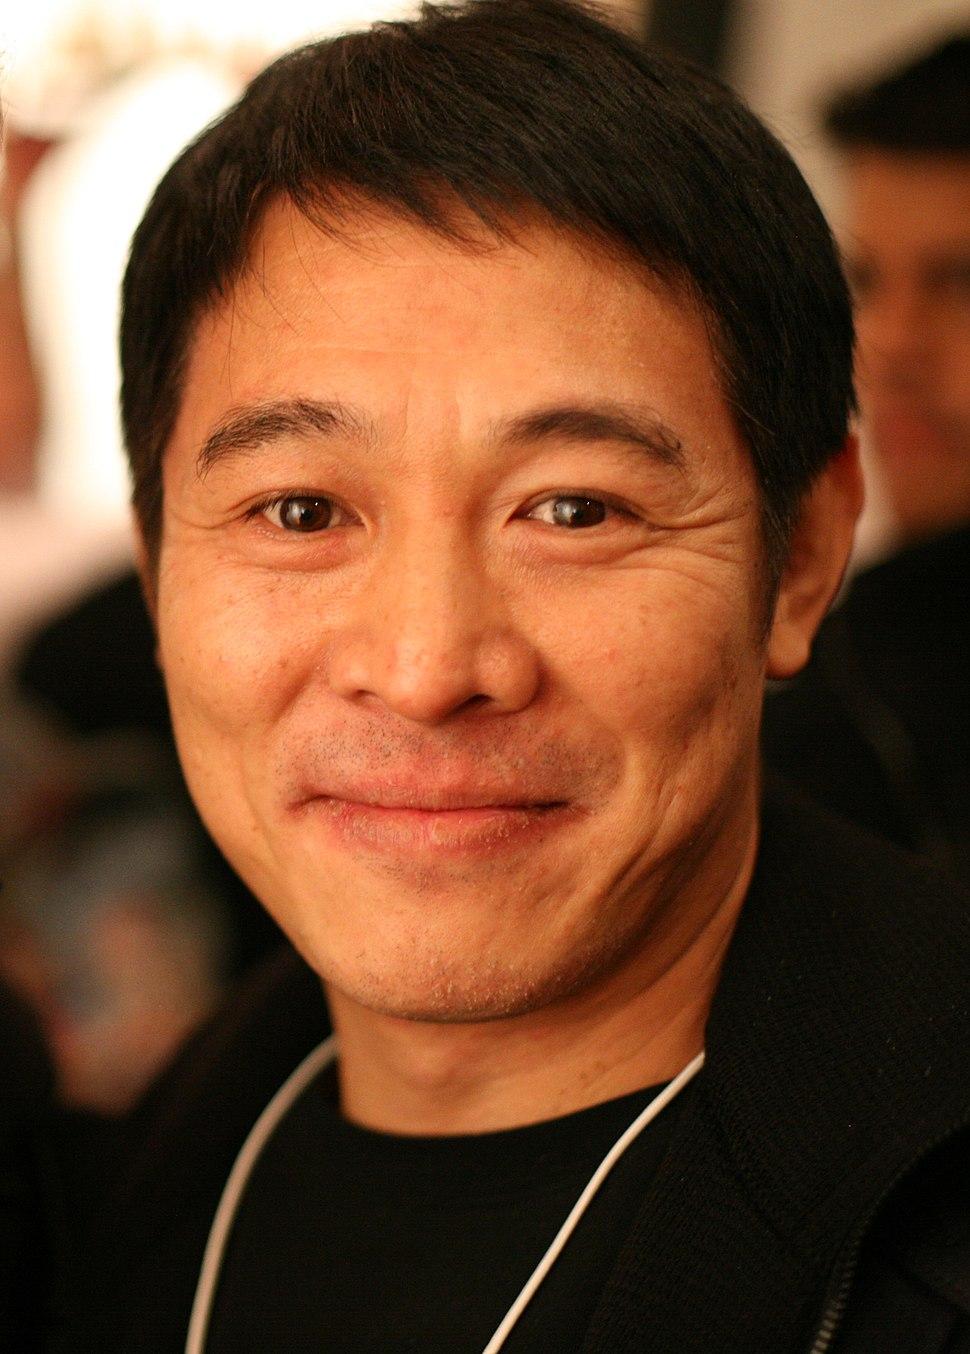 Jet Li 2009 (cropped)